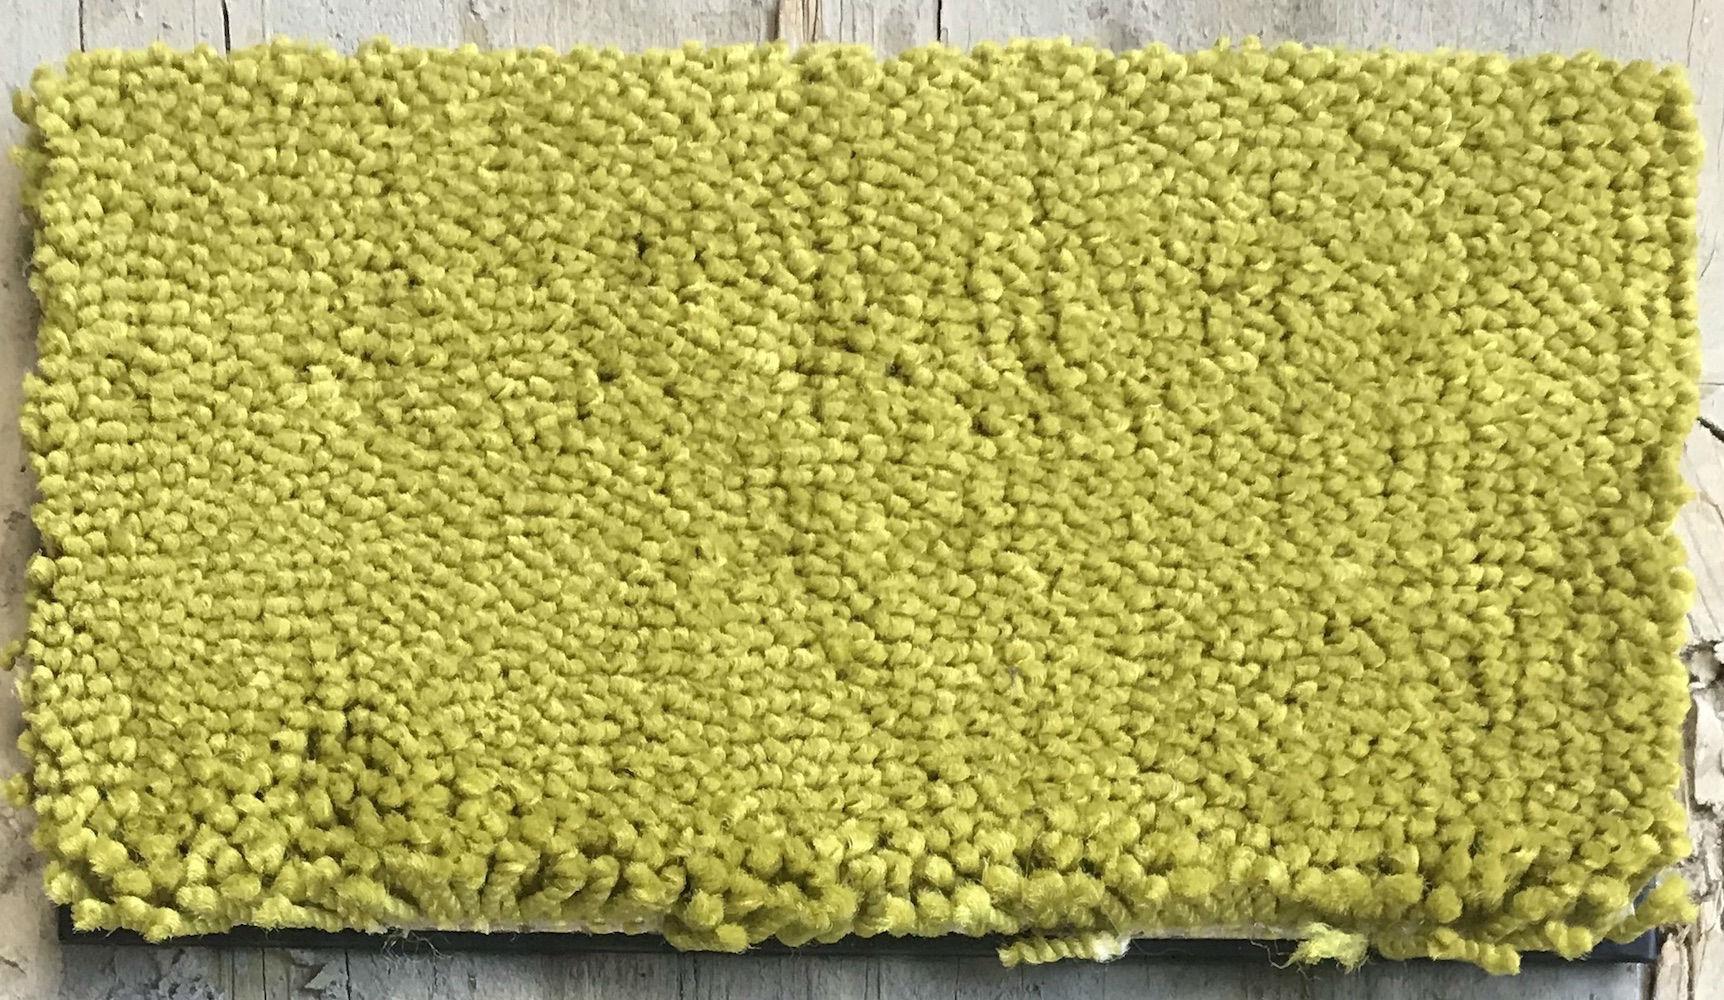 Alfombras sisal a medida tienda online alfombras ao - Alfombras sisal a medida ...